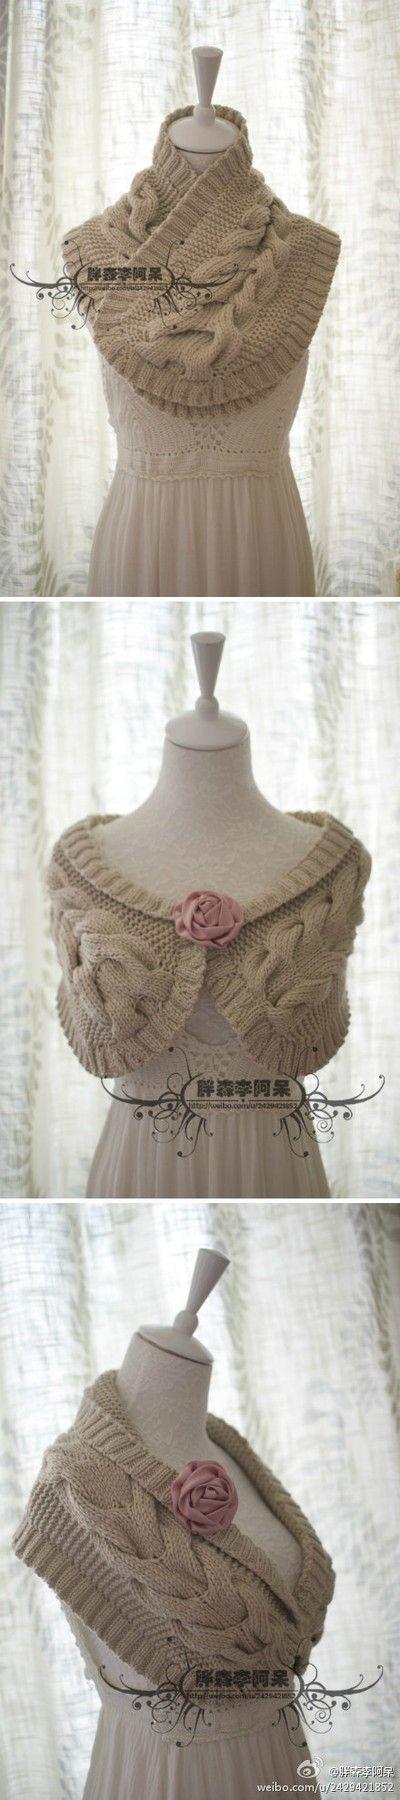 Cute shawl